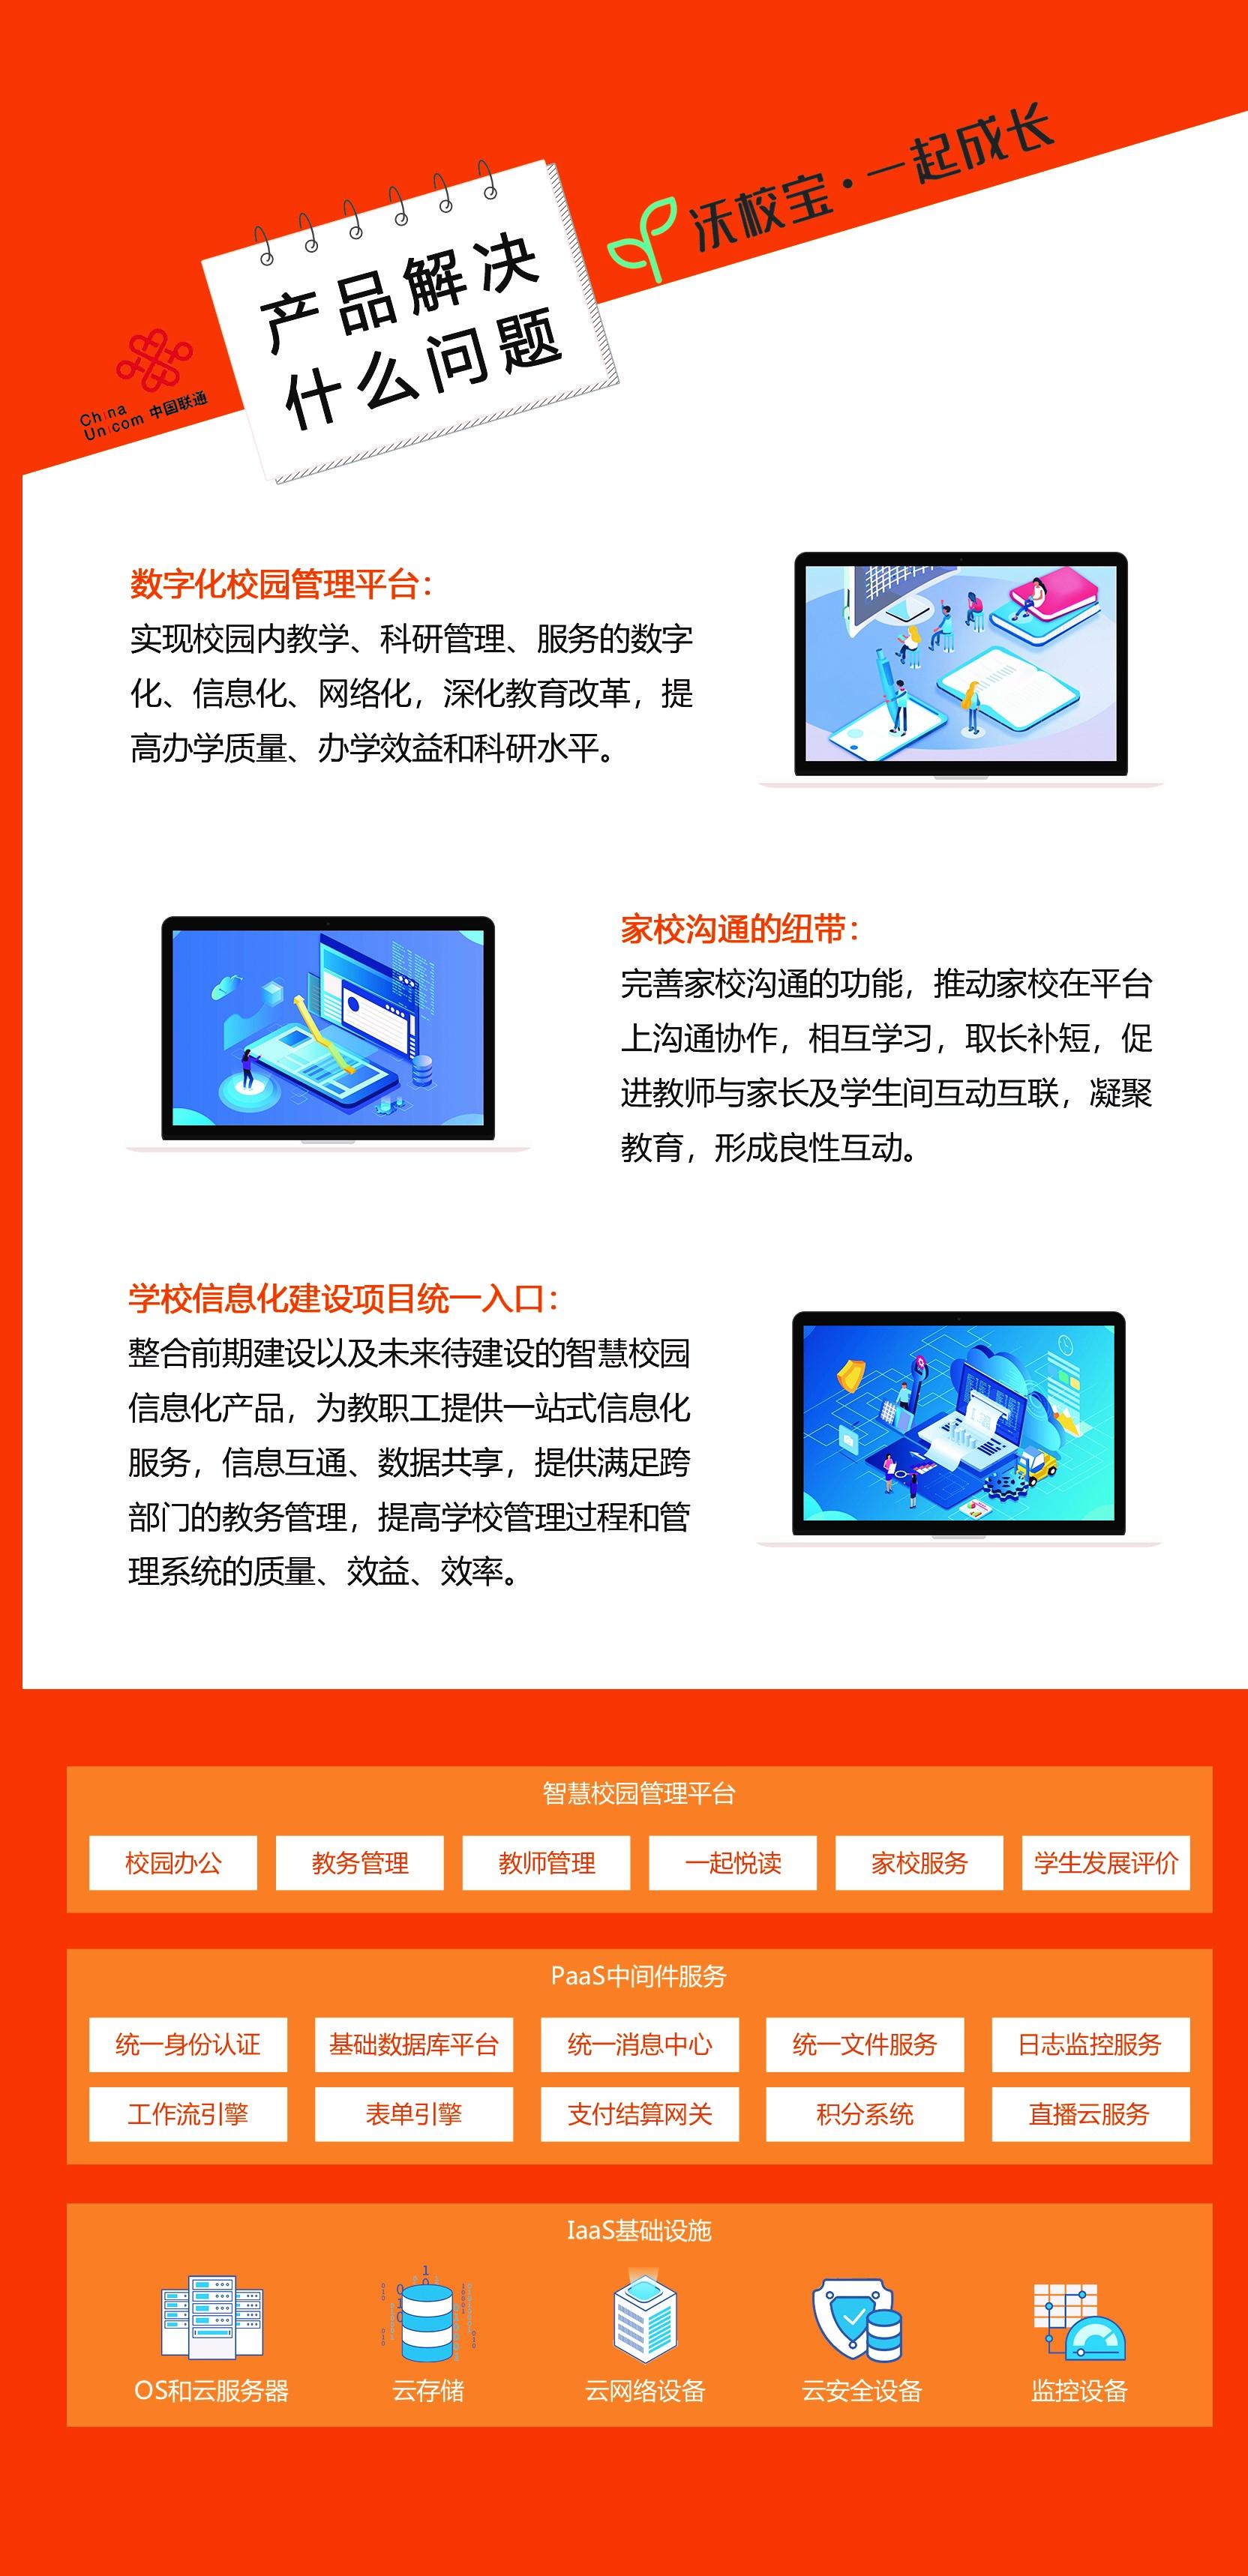 沃校宝三折页12.jpg